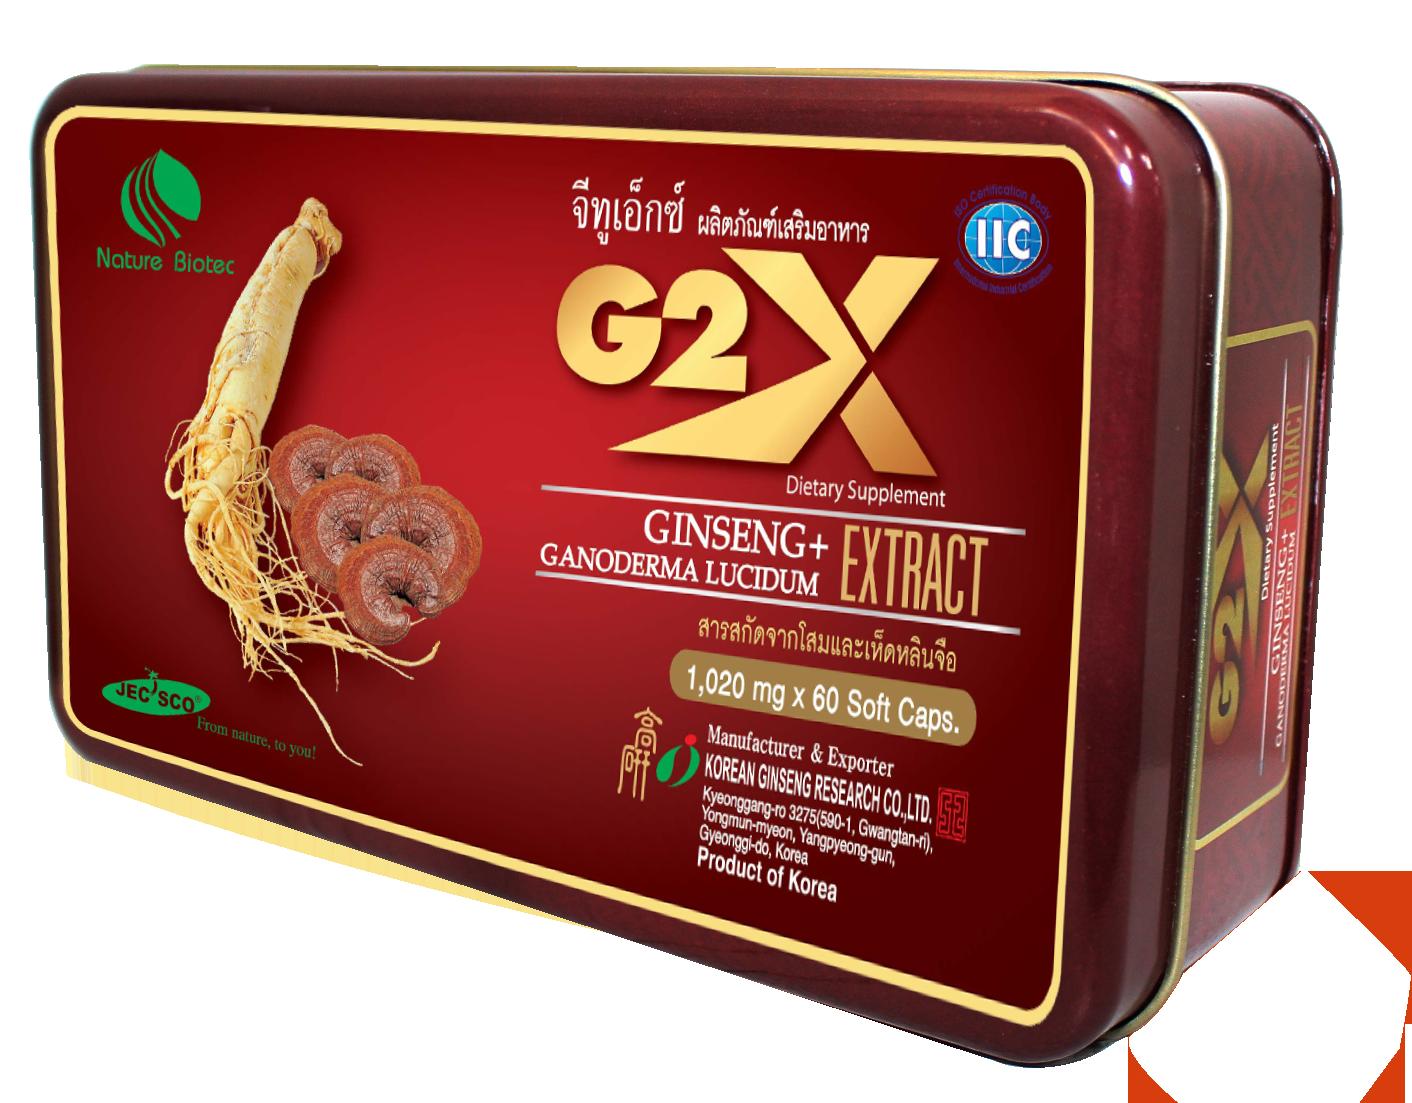 G2X (จีทูเอ็กซ์) ผลิตภัณฑ์เสริมอาหาร โสมเกาหลี+เห็ดหลินจือ 60แคปซูล ราคา 1,350 บาท ส่งฟรี